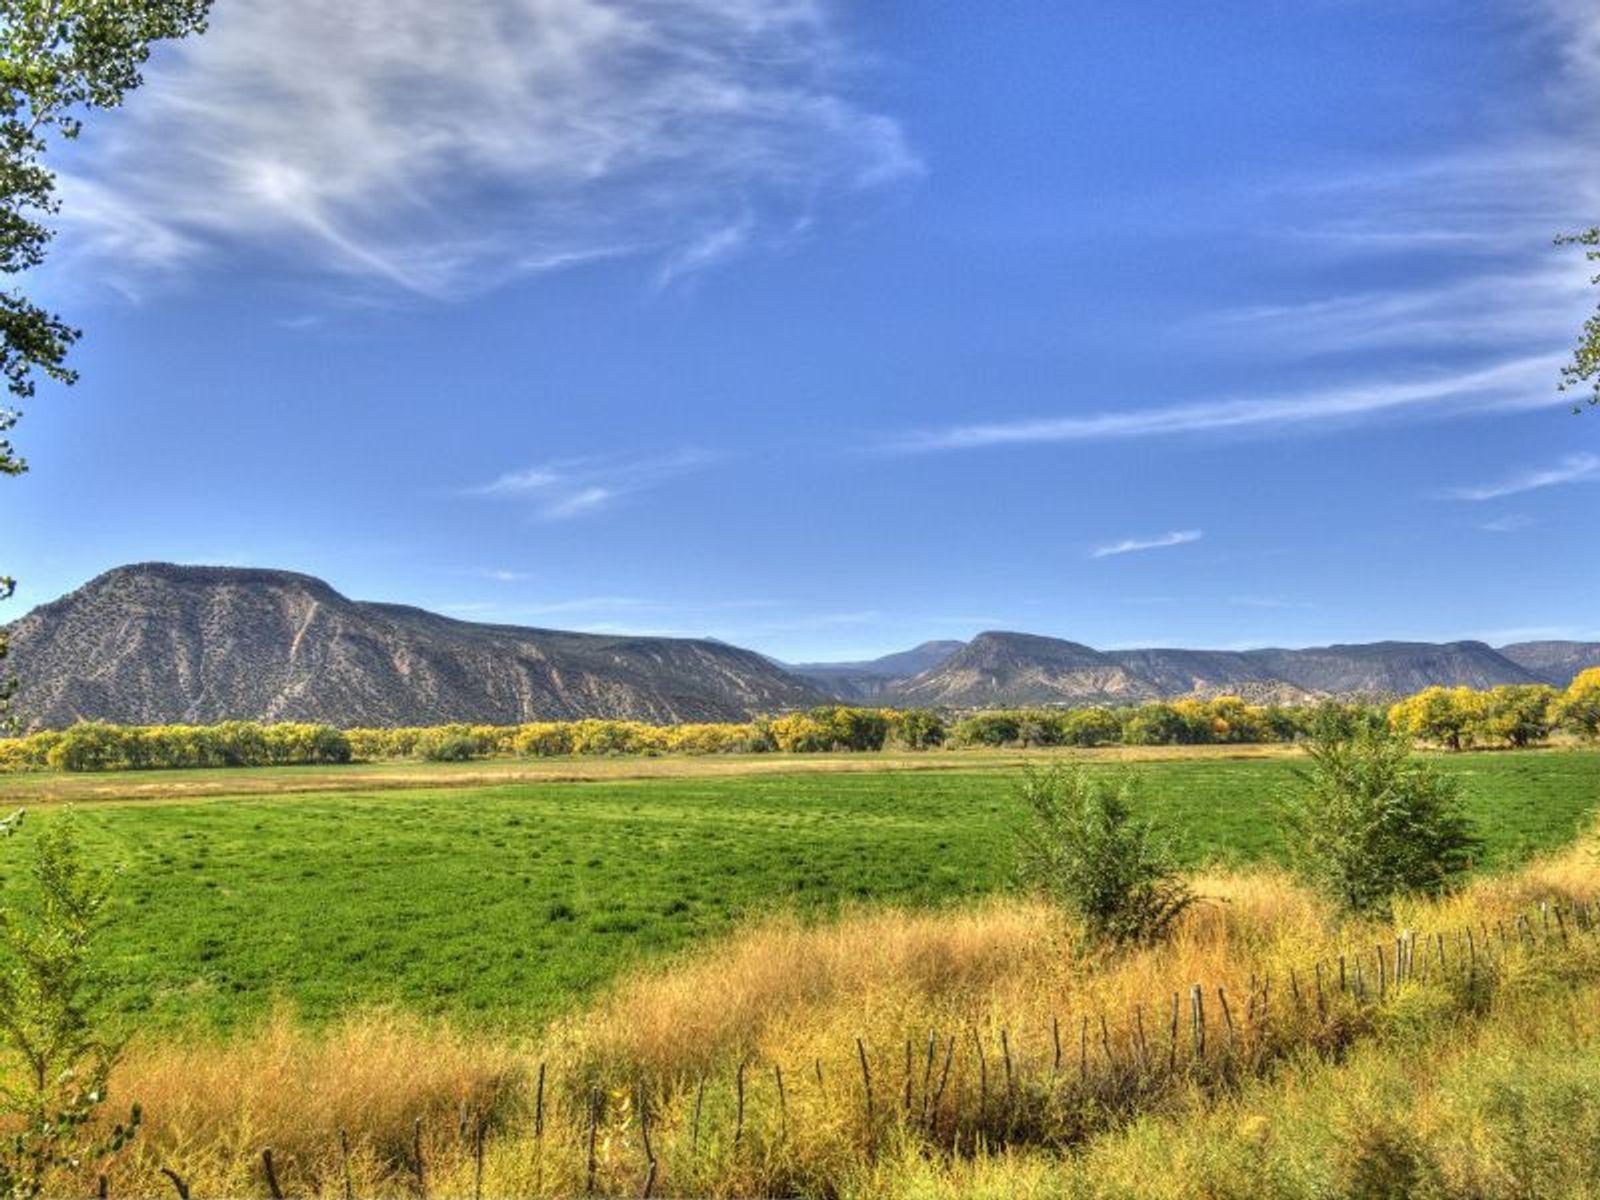 Rancho de Abiquiu